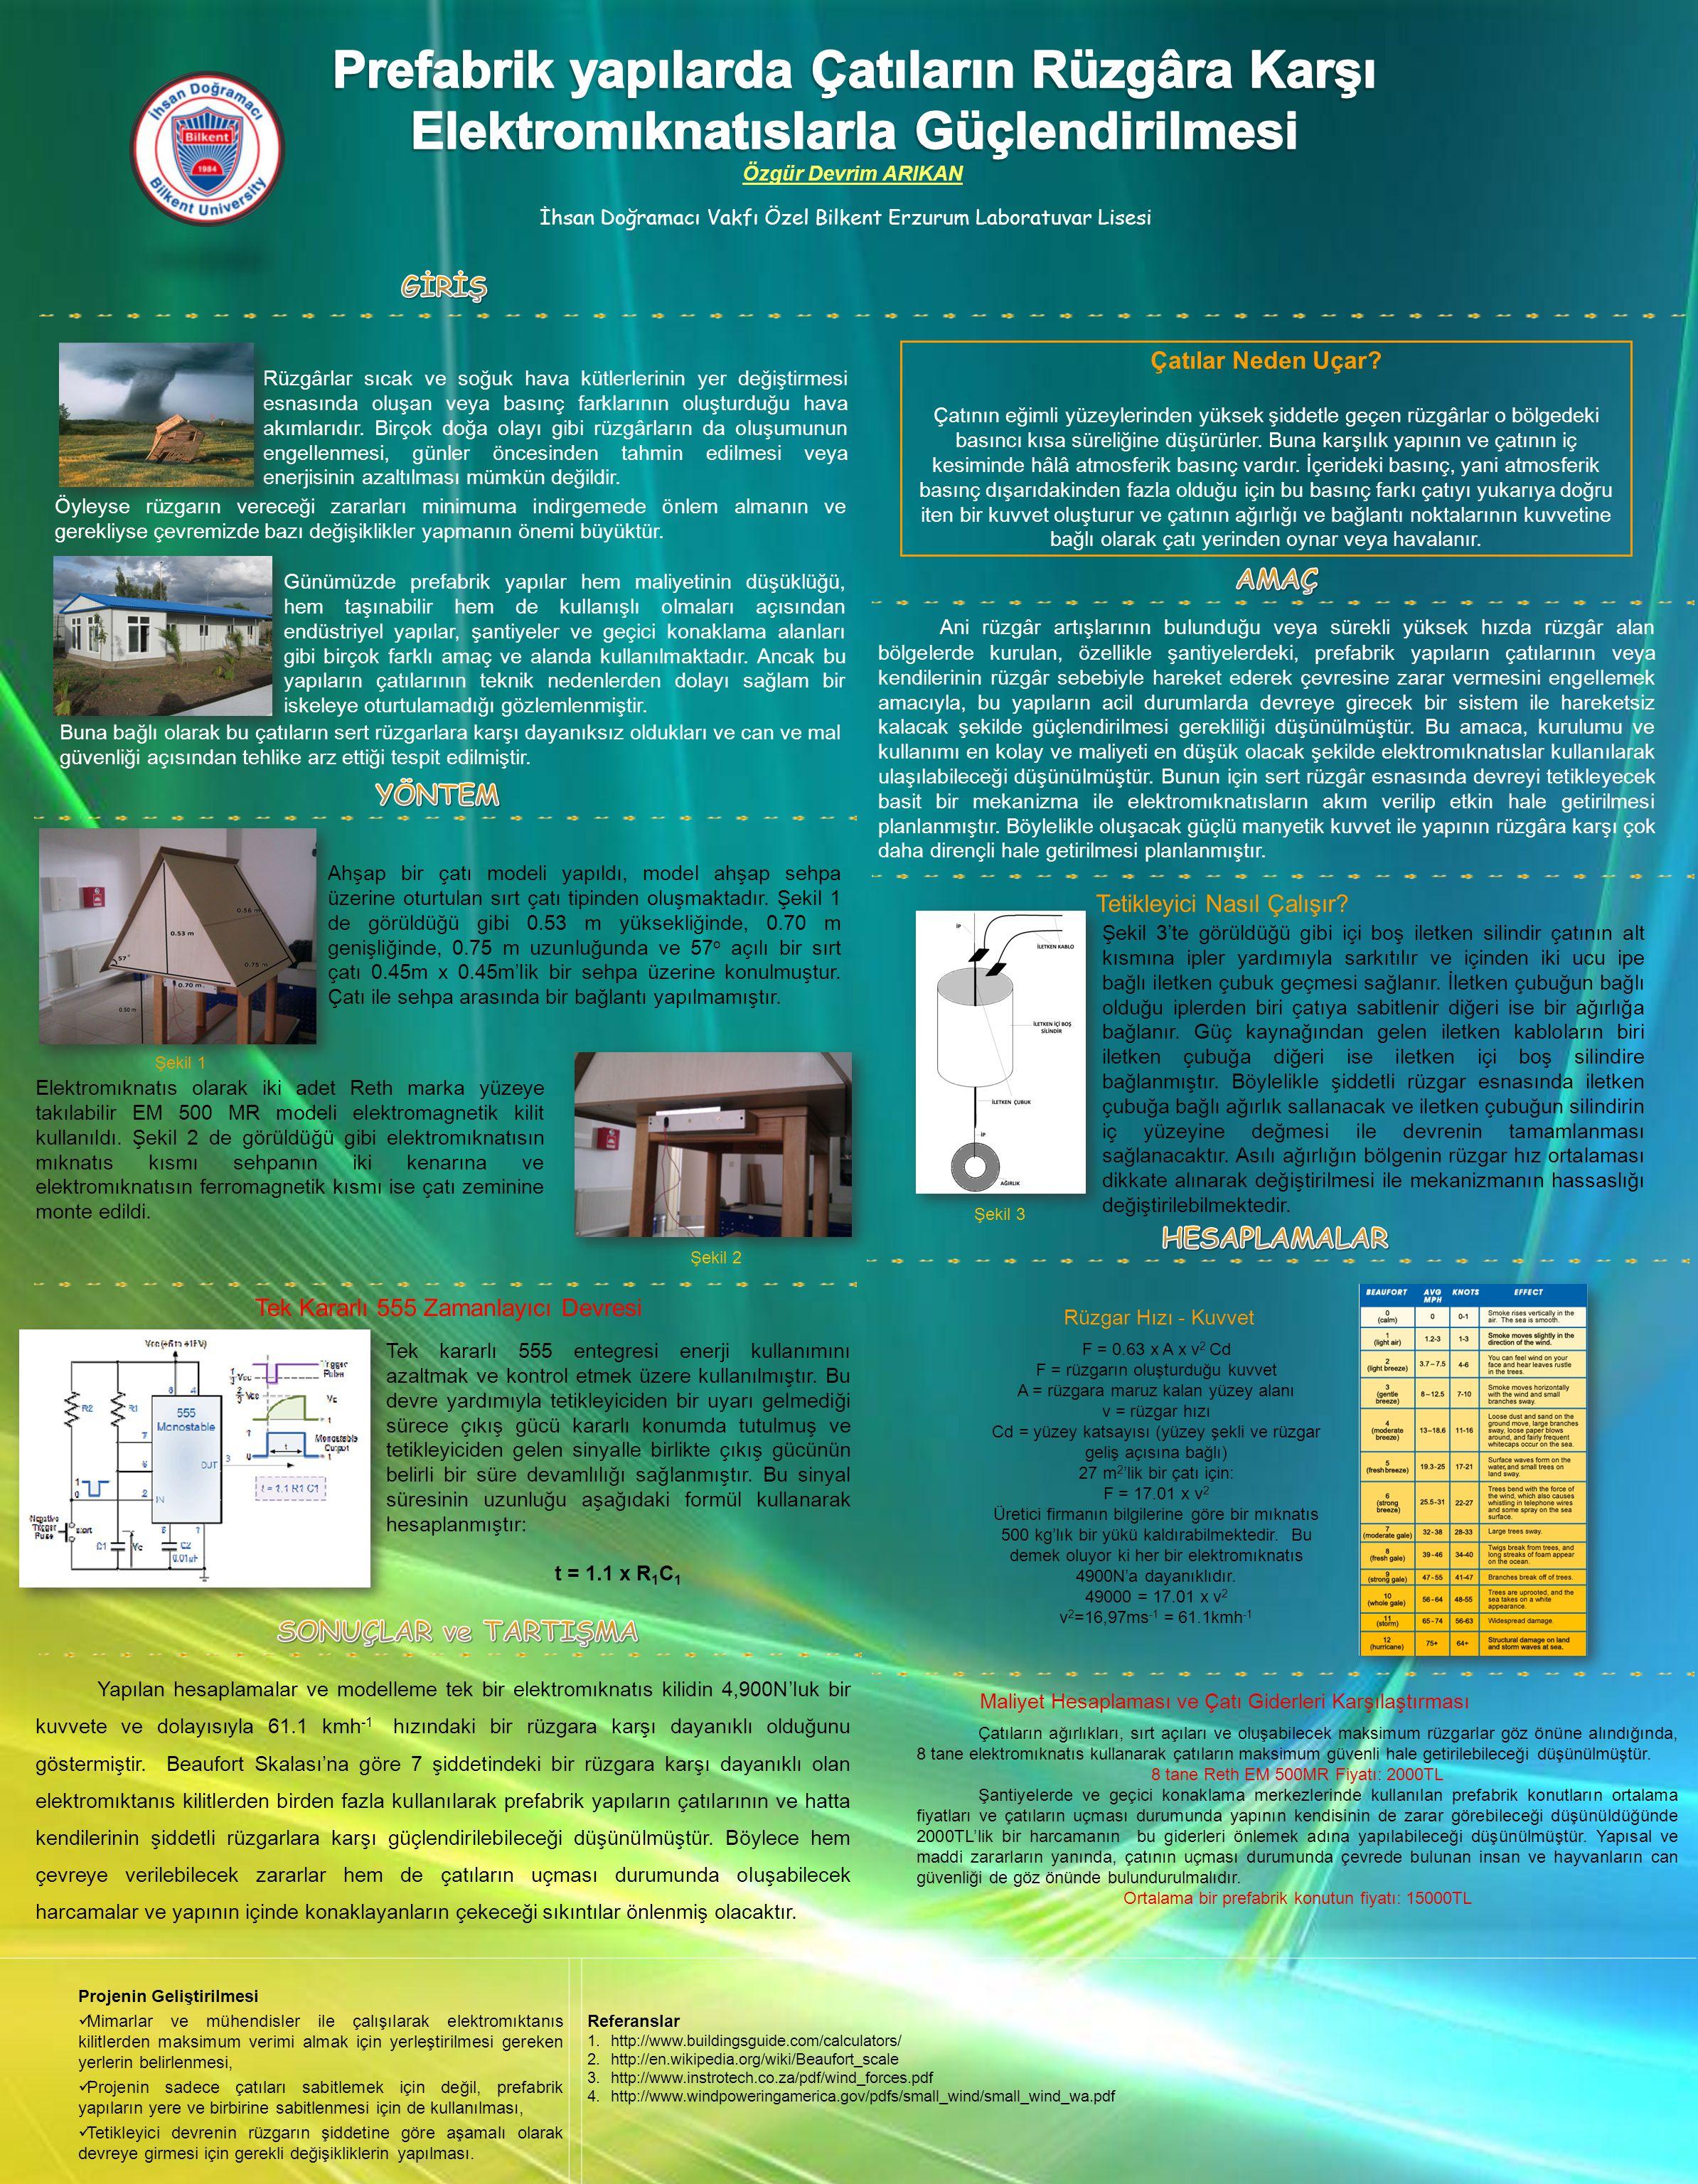 Özgür Devrim ARIKAN İhsan Doğramacı Vakfı Özel Bilkent Erzurum Laboratuvar Lisesi Projenin Geliştirilmesi Mimarlar ve mühendisler ile çalışılarak elek